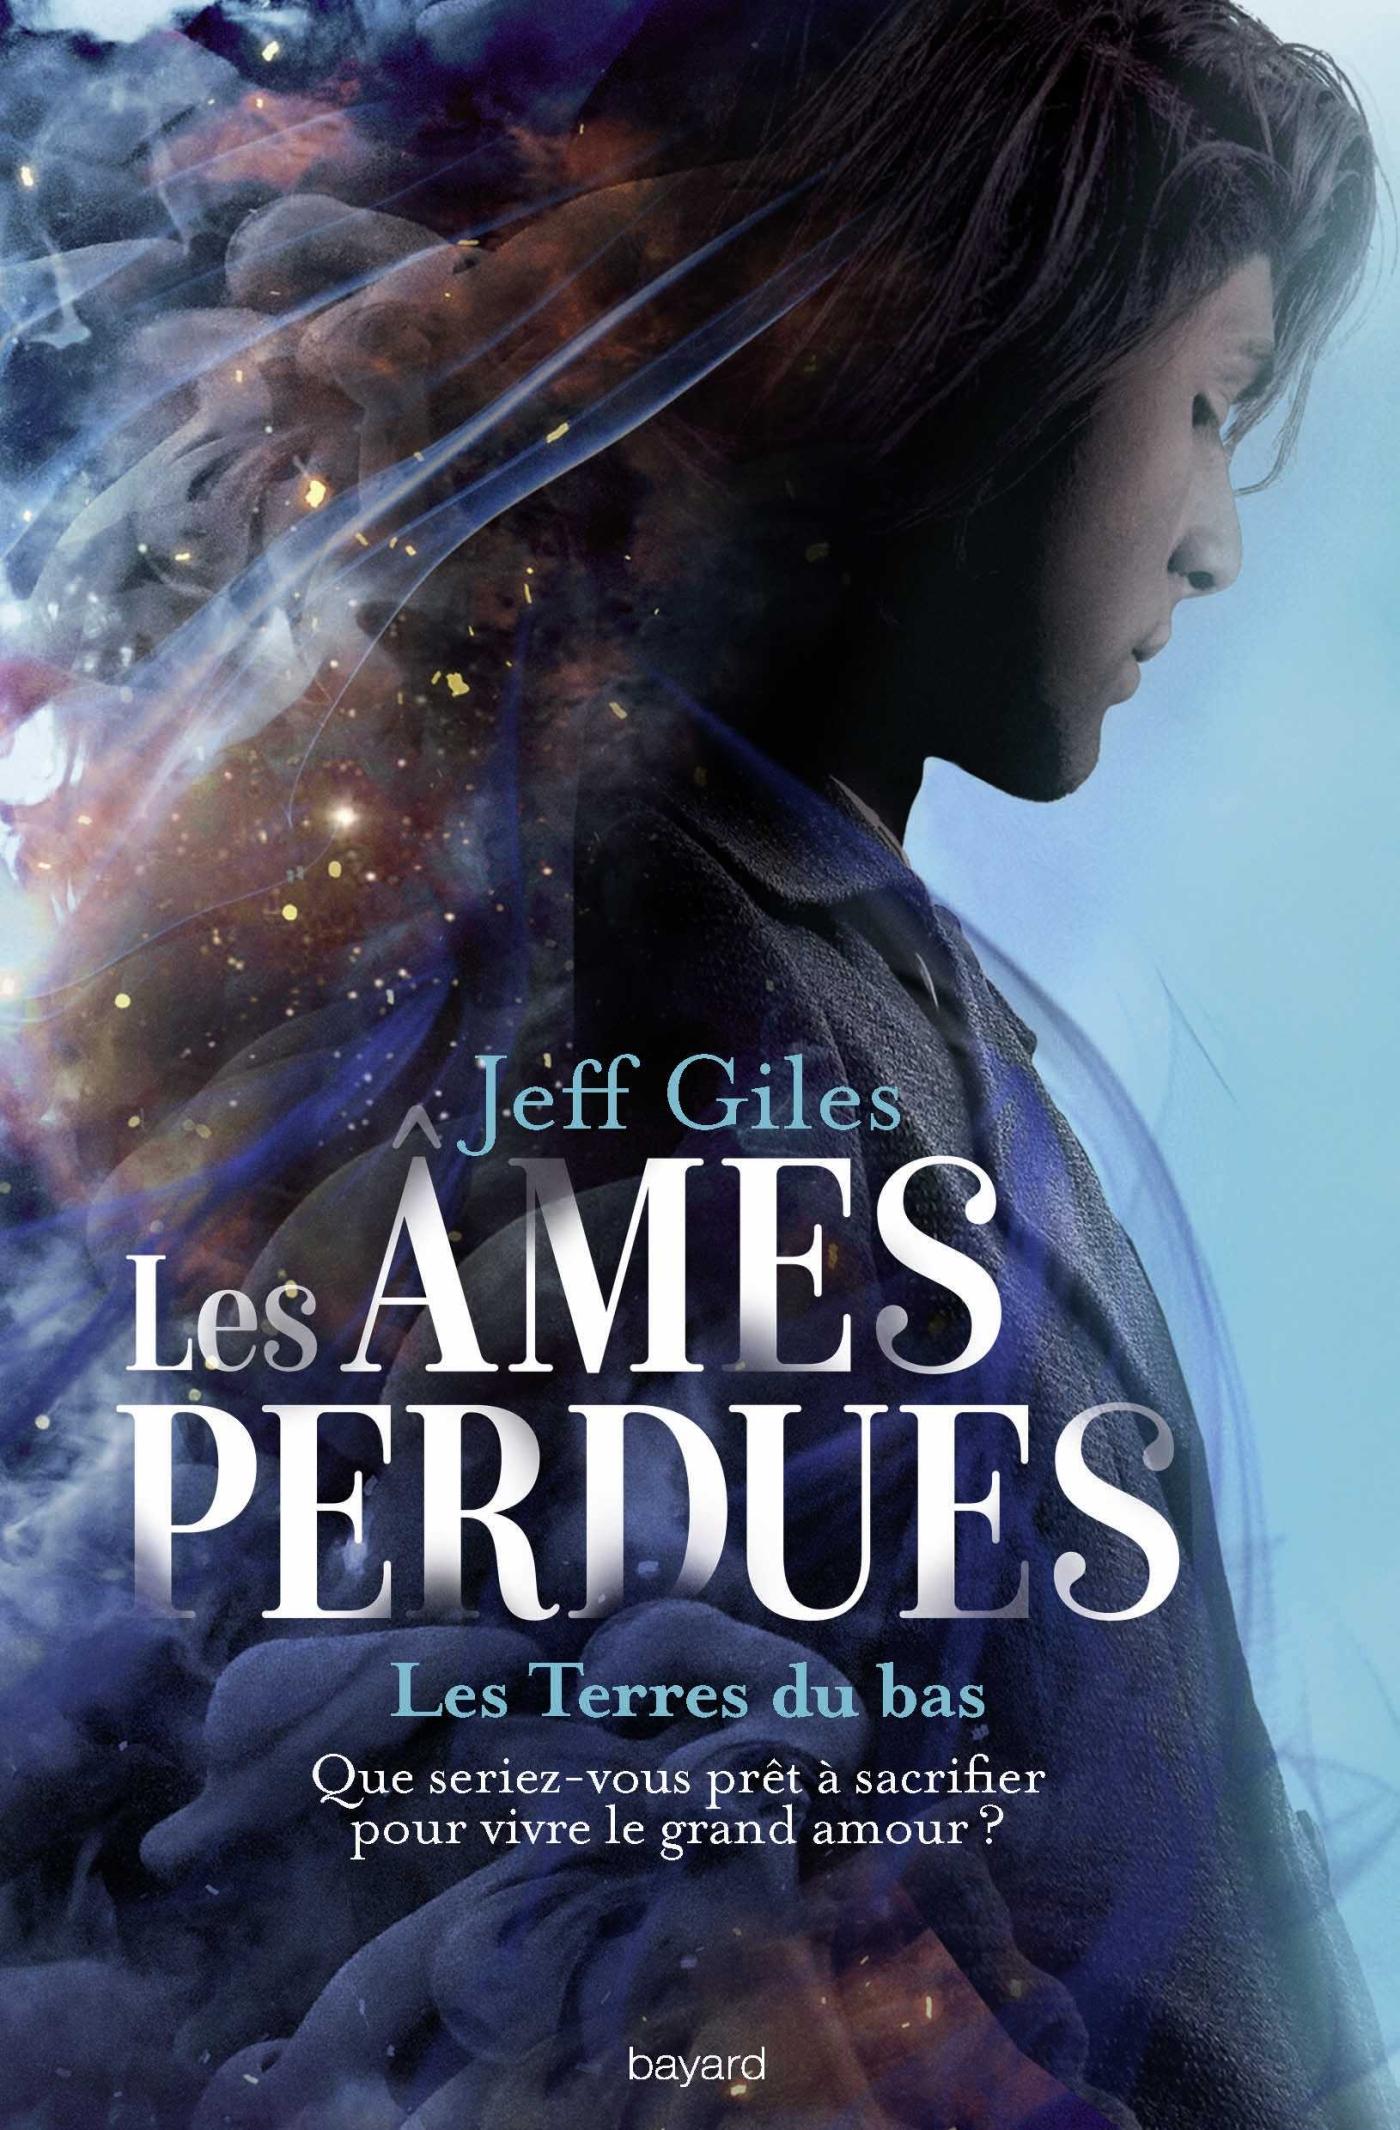 Image de l'article «Les Ames perdues de Jeff Giles»